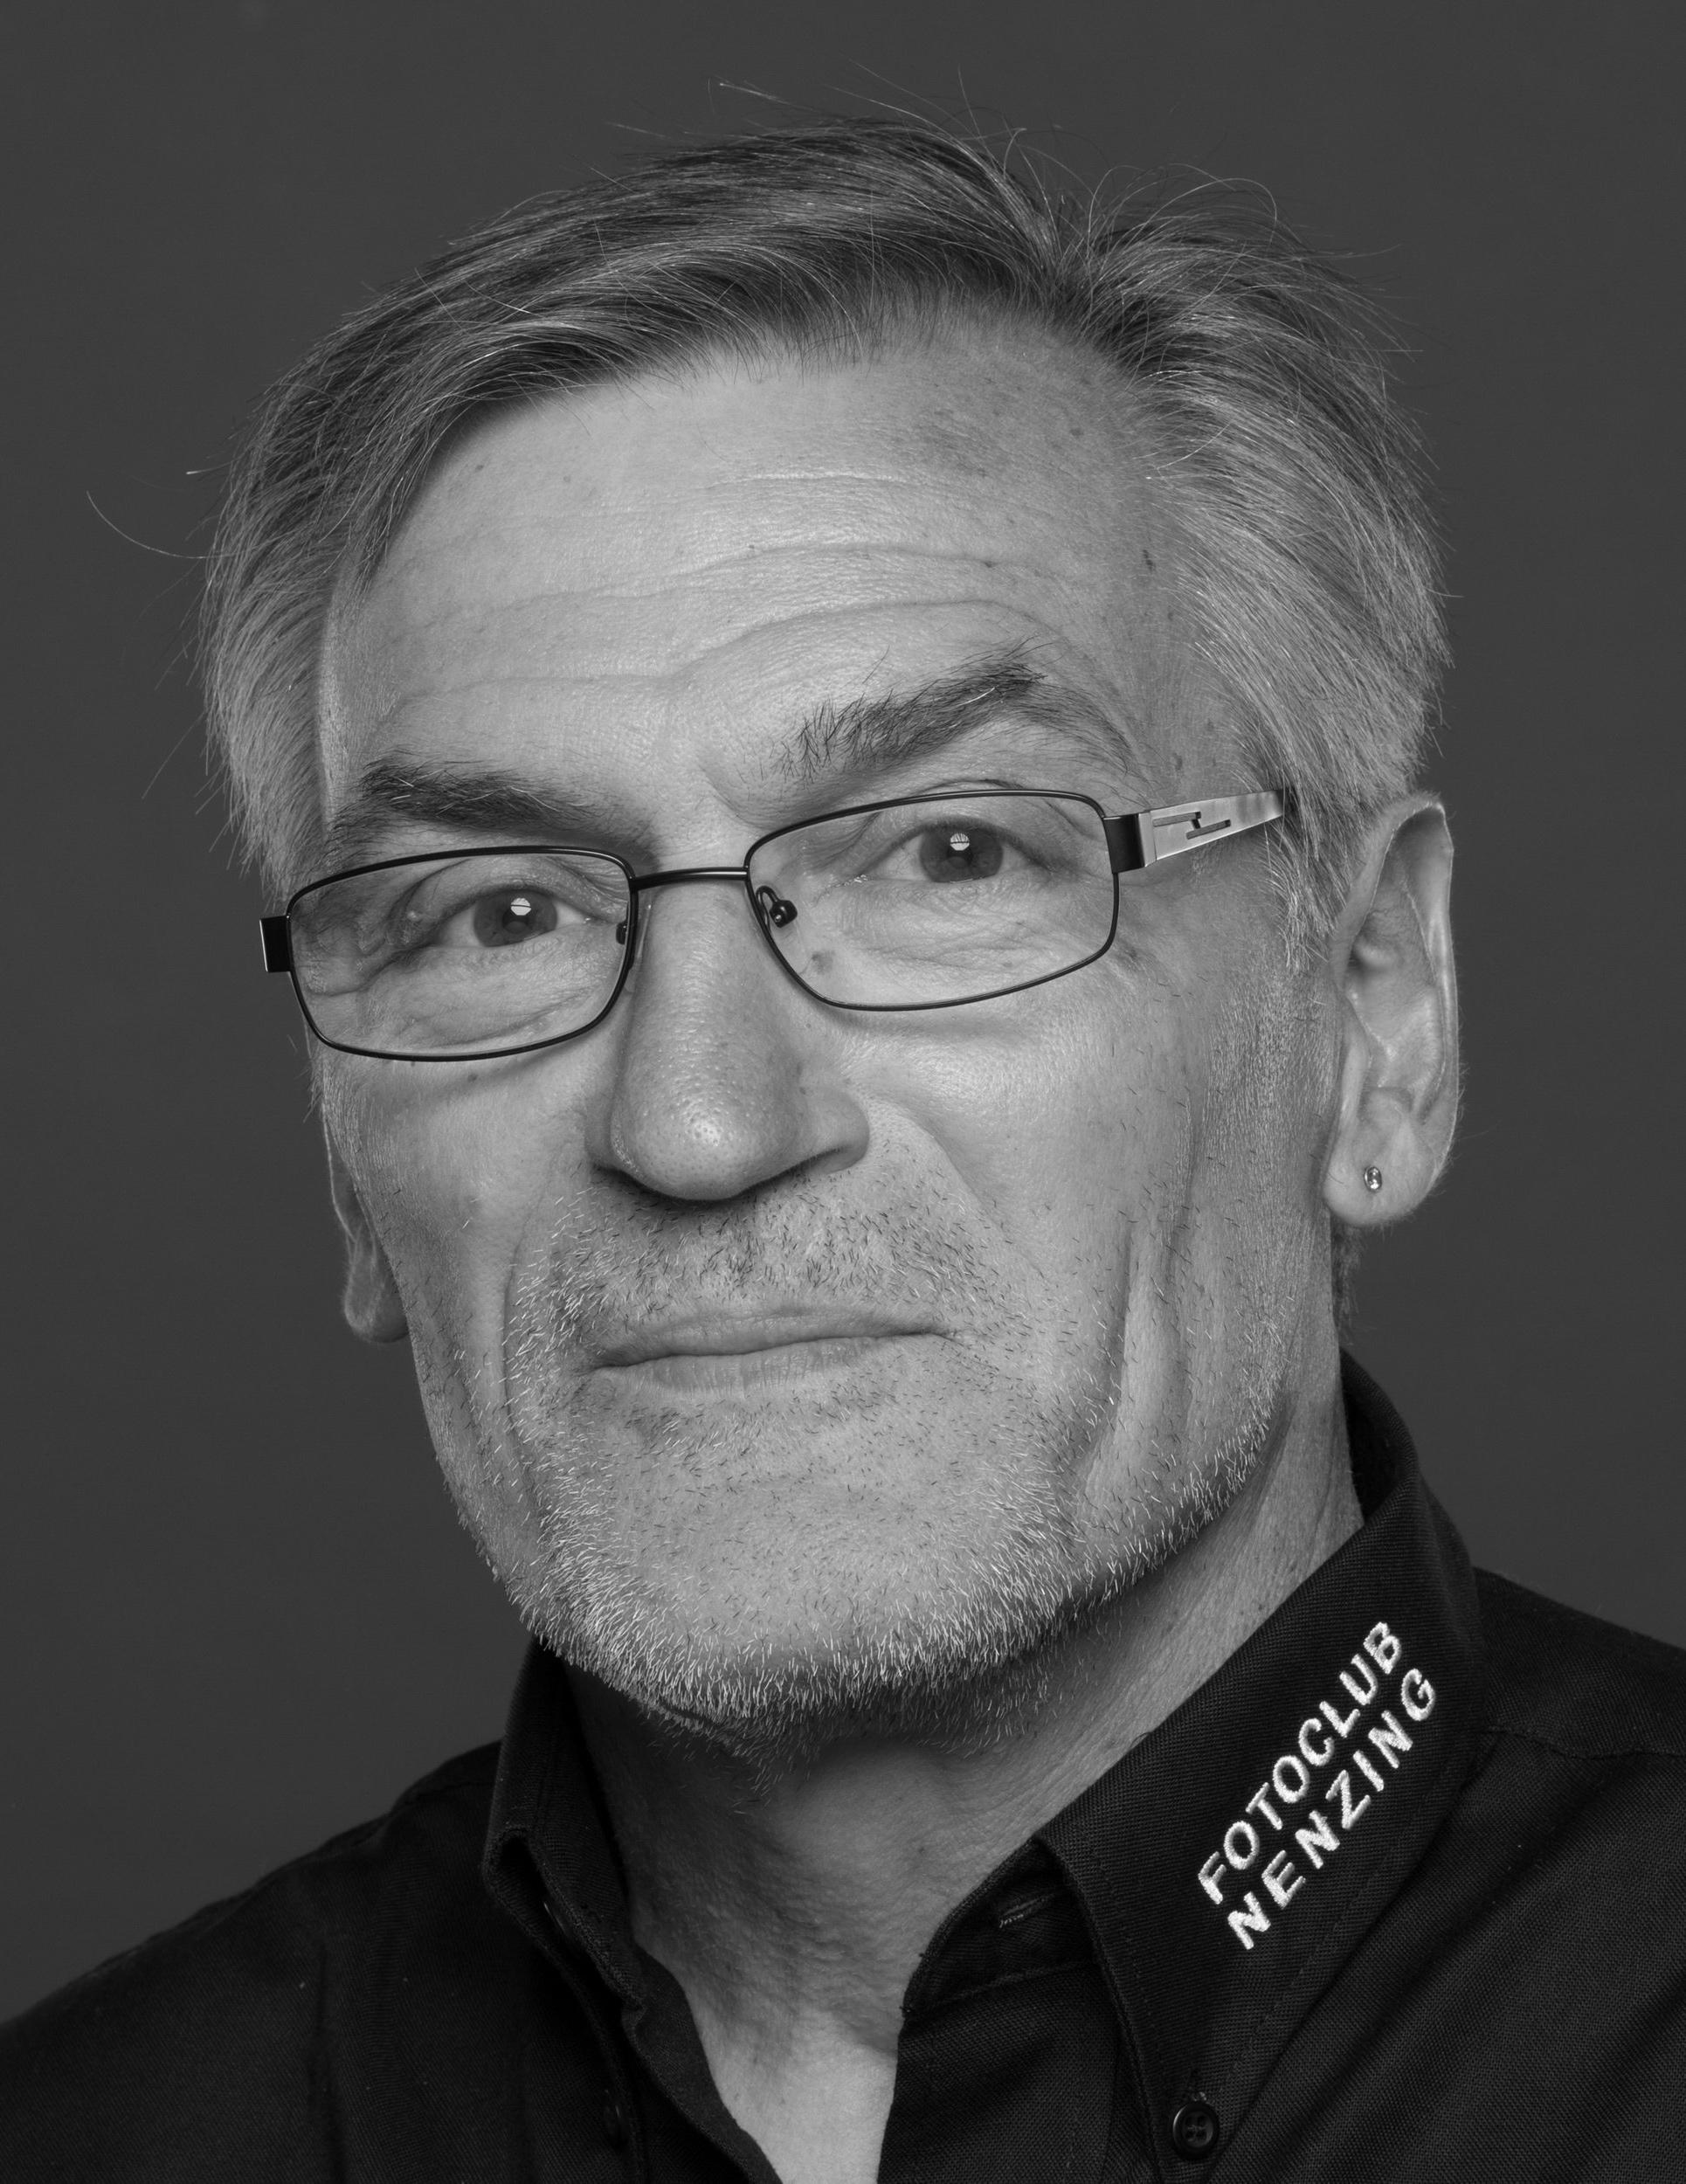 Gebhard Burtscher